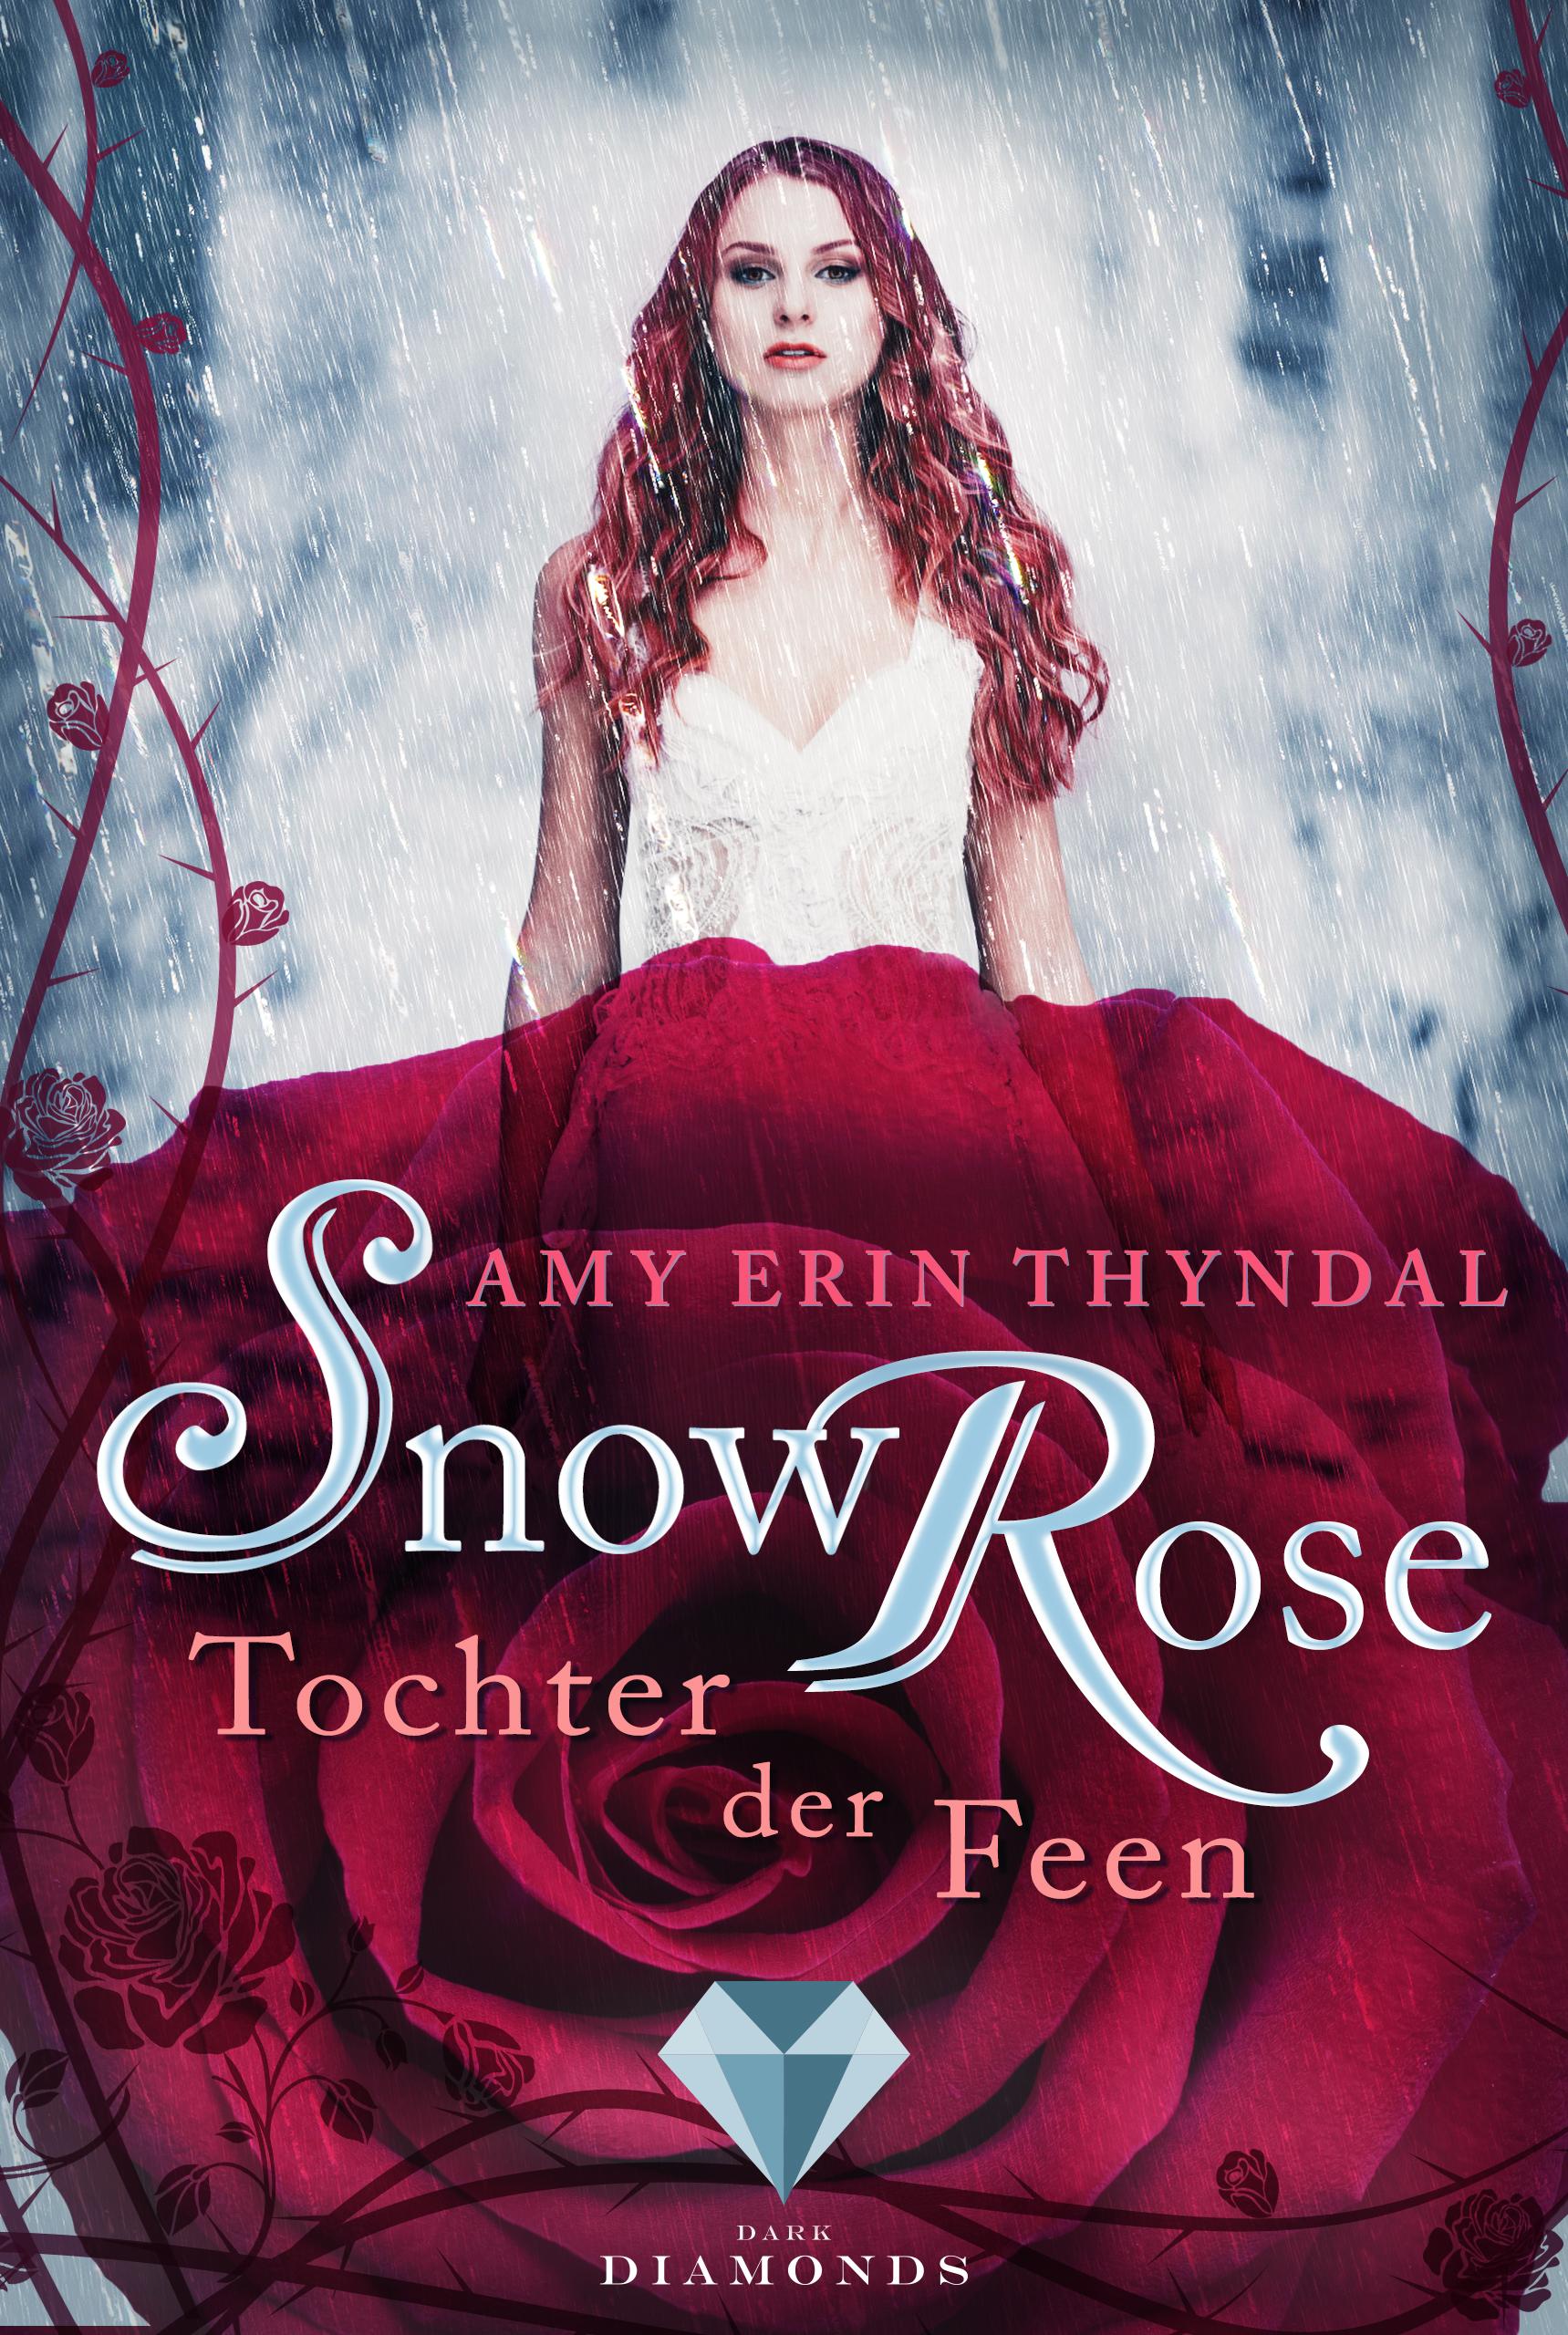 Snow-Rose-Tochter-der-Feen_Amy-Erin-Thyn.jpg